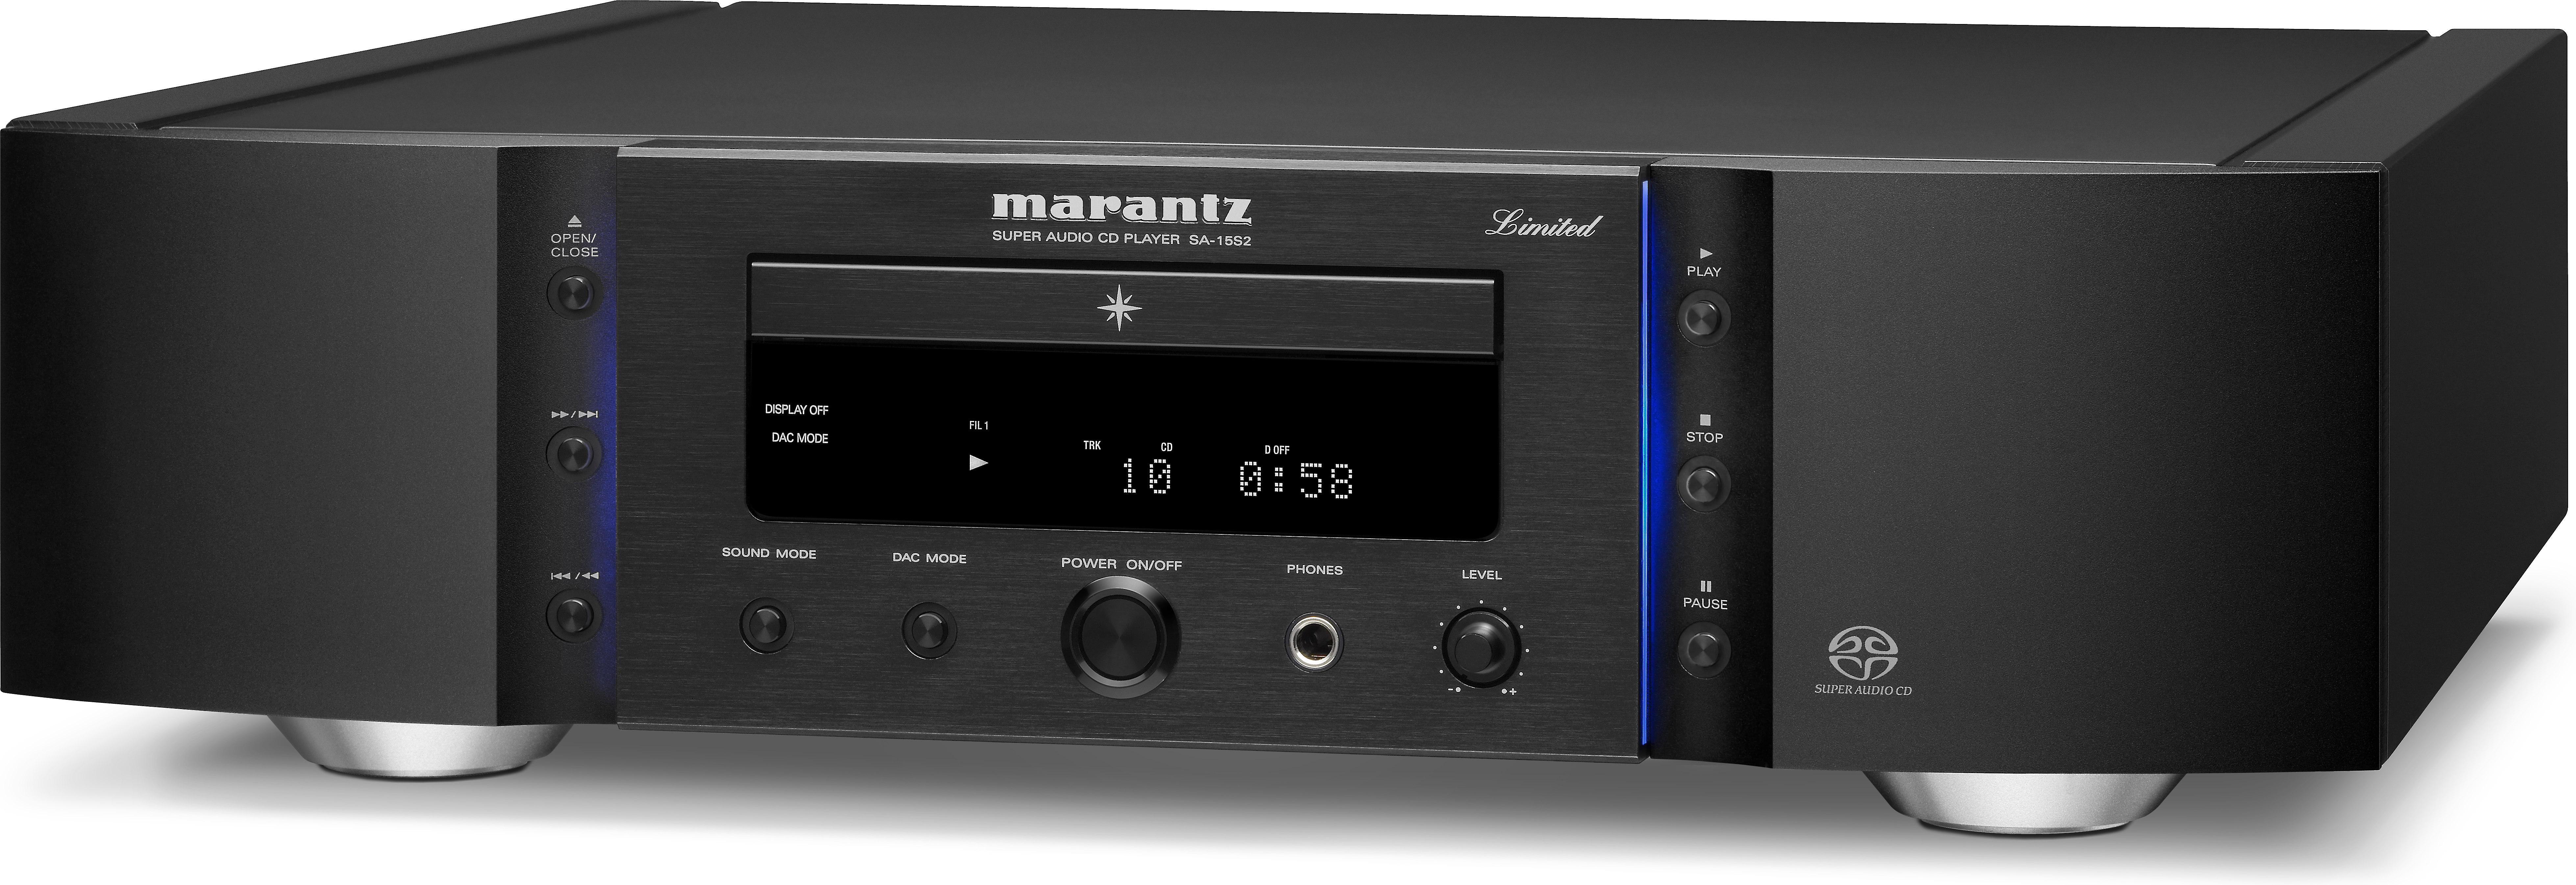 Marantz Reference SA112S12 Stereo SACD/CD player at Crutchfield